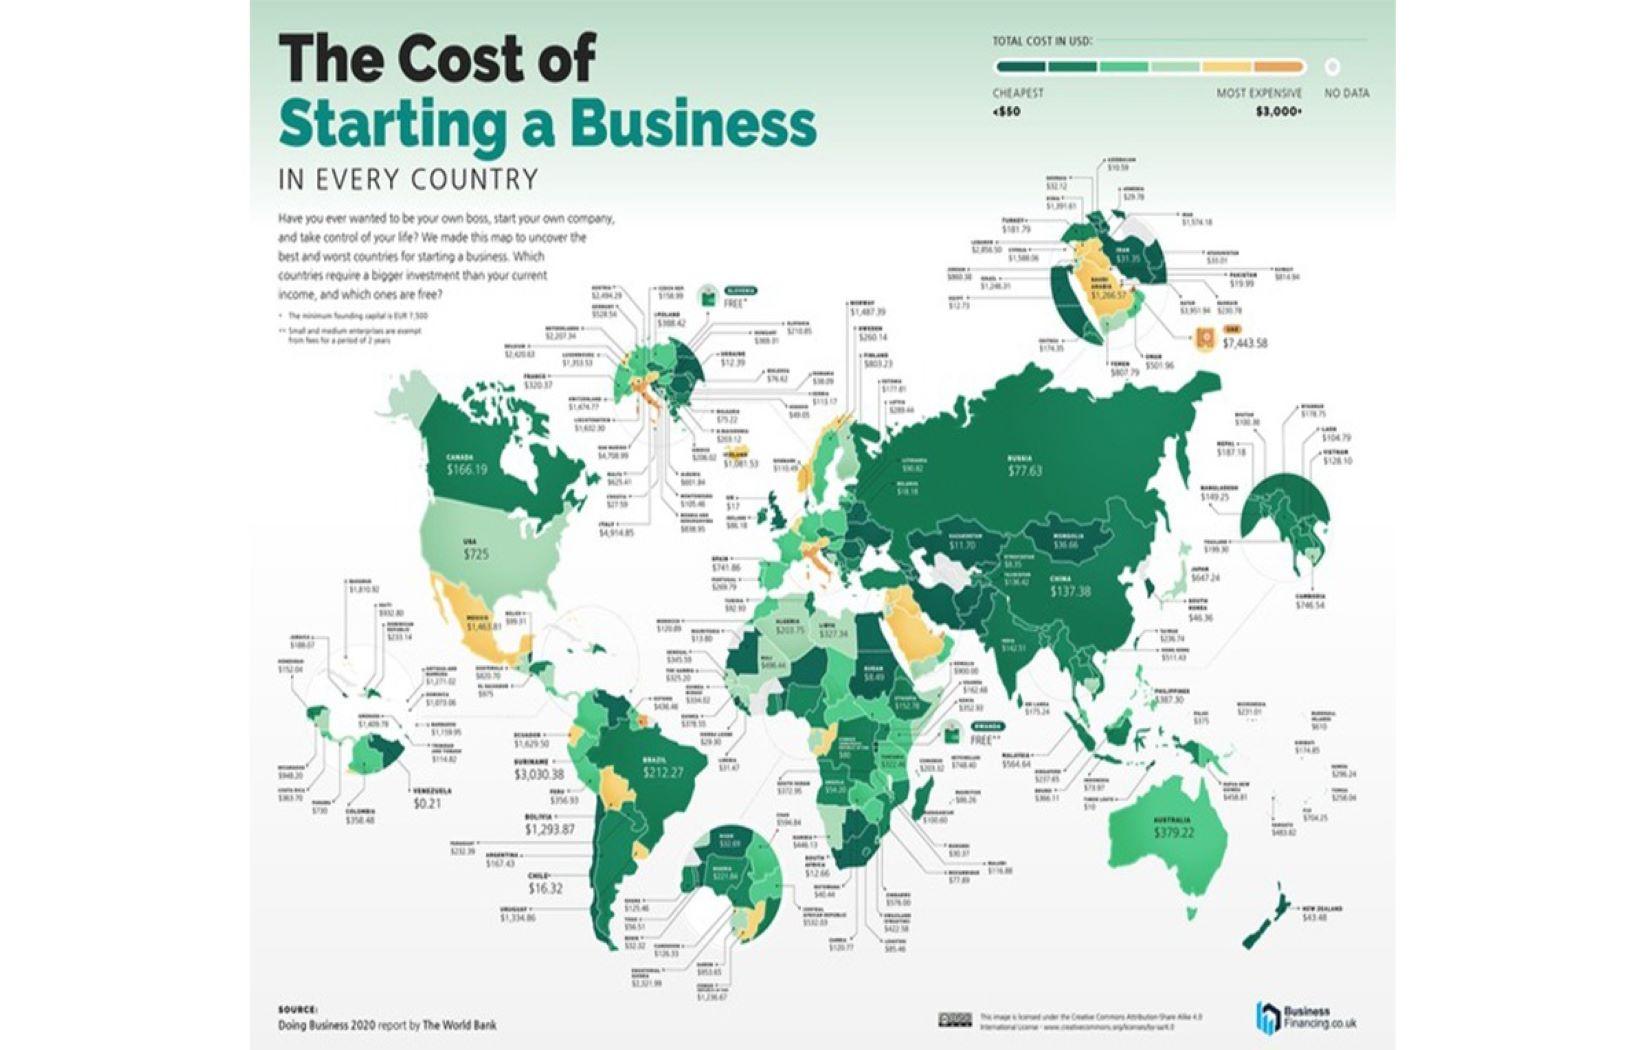 موقع عالمي: العراق من بين الدول الأغلى بالعالم بتكلفة تأسيس مشروع تجاري